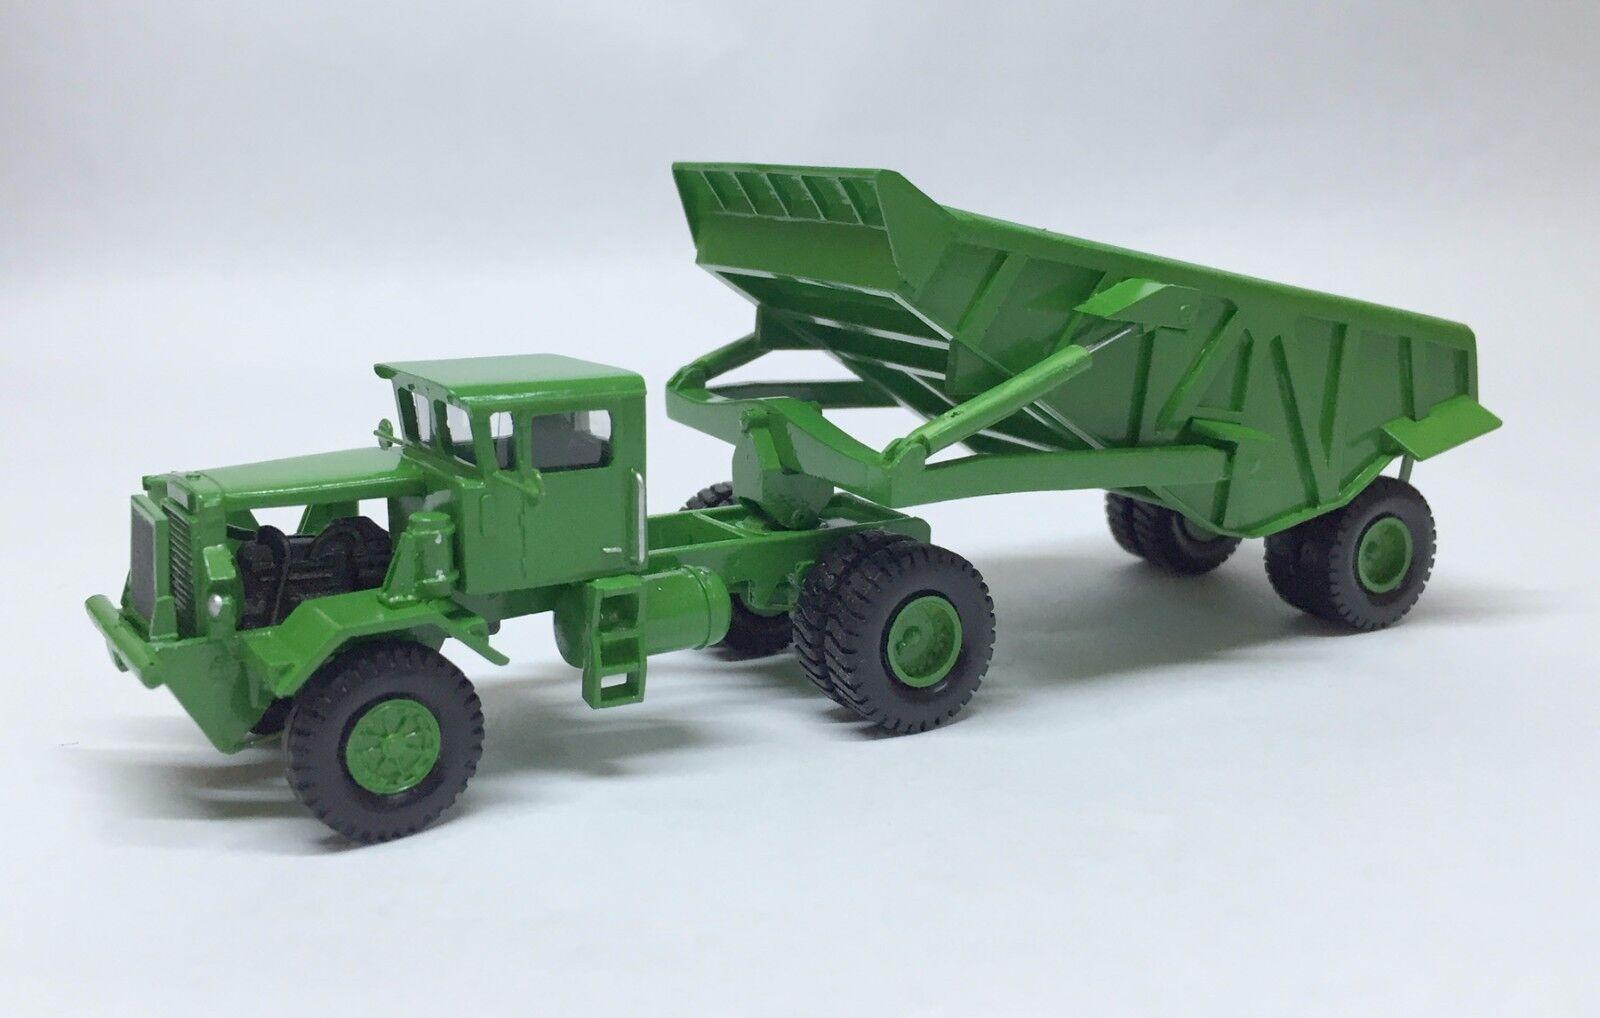 Fertig Resin HO 1 87 KW Dart 50 EDT Rear Dump Trailer - green - Fankit Models